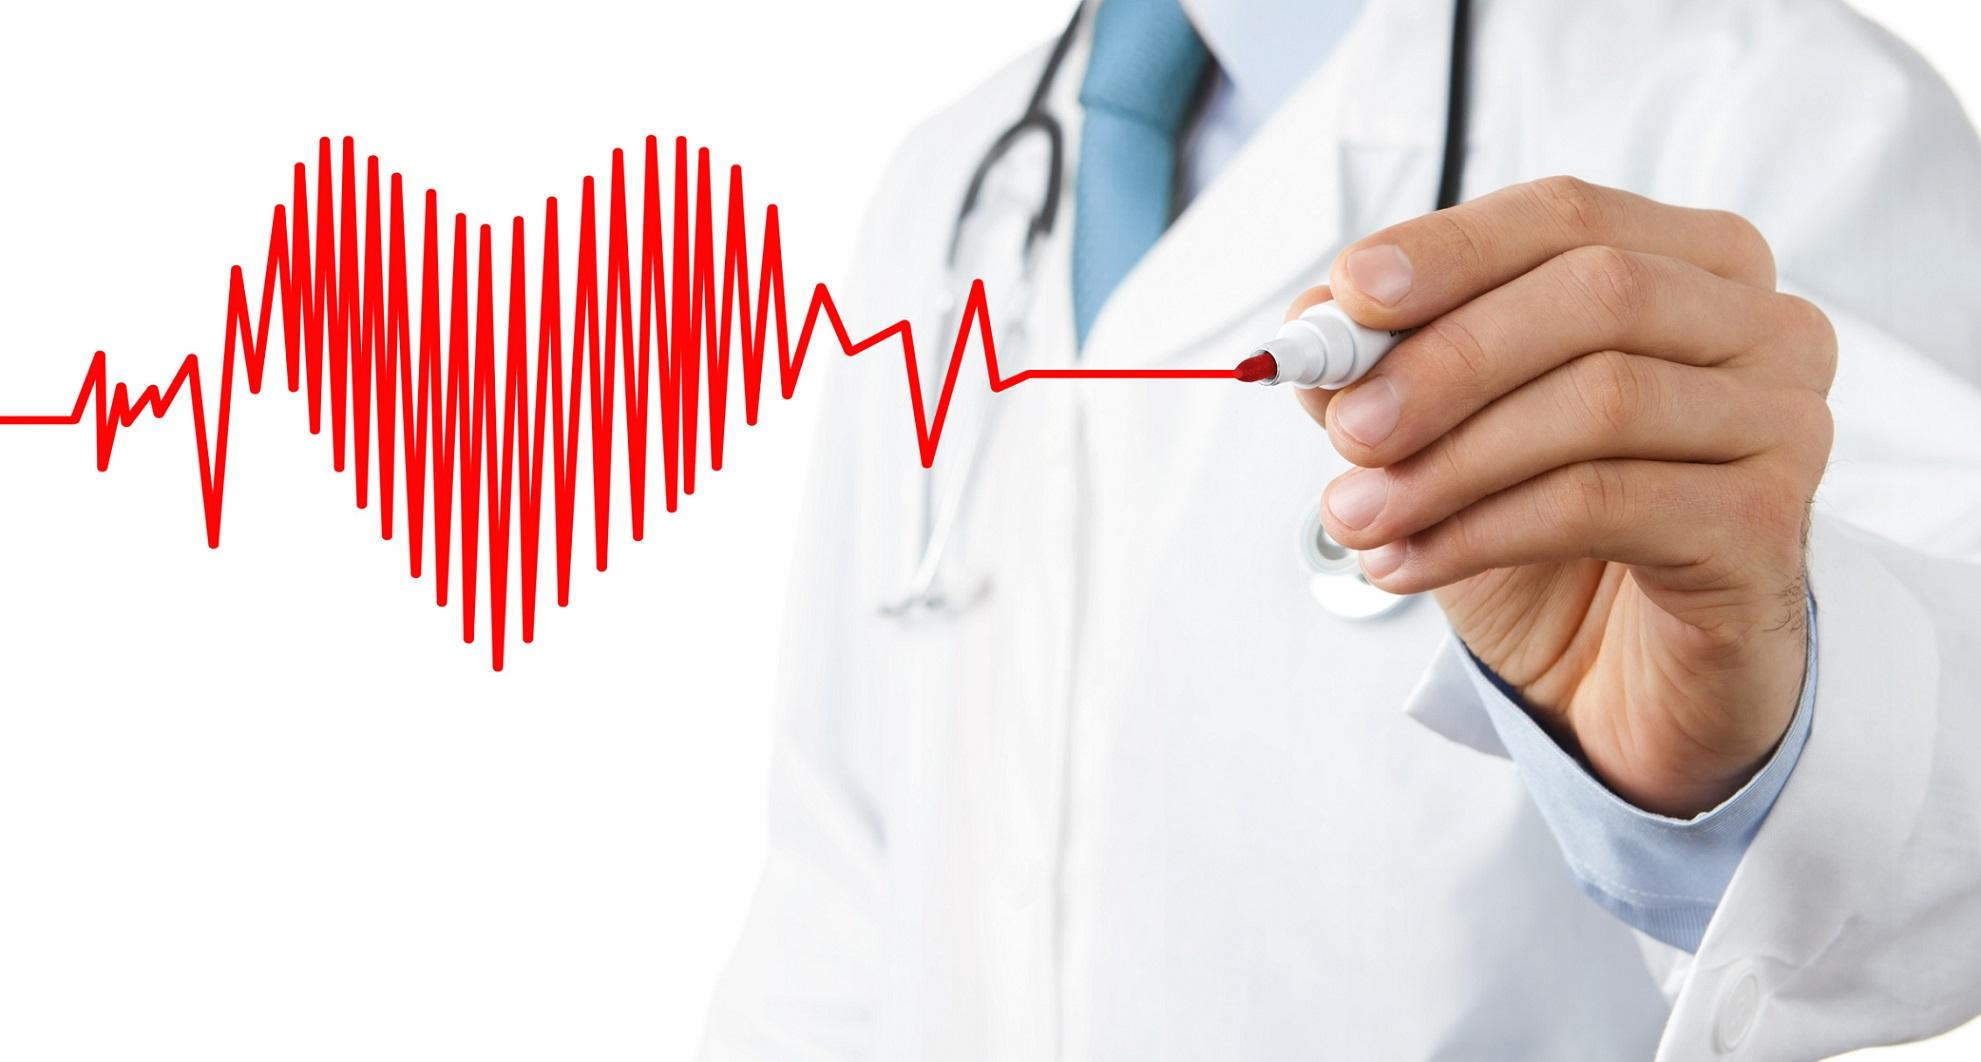 Miglior Cardiologo Milano